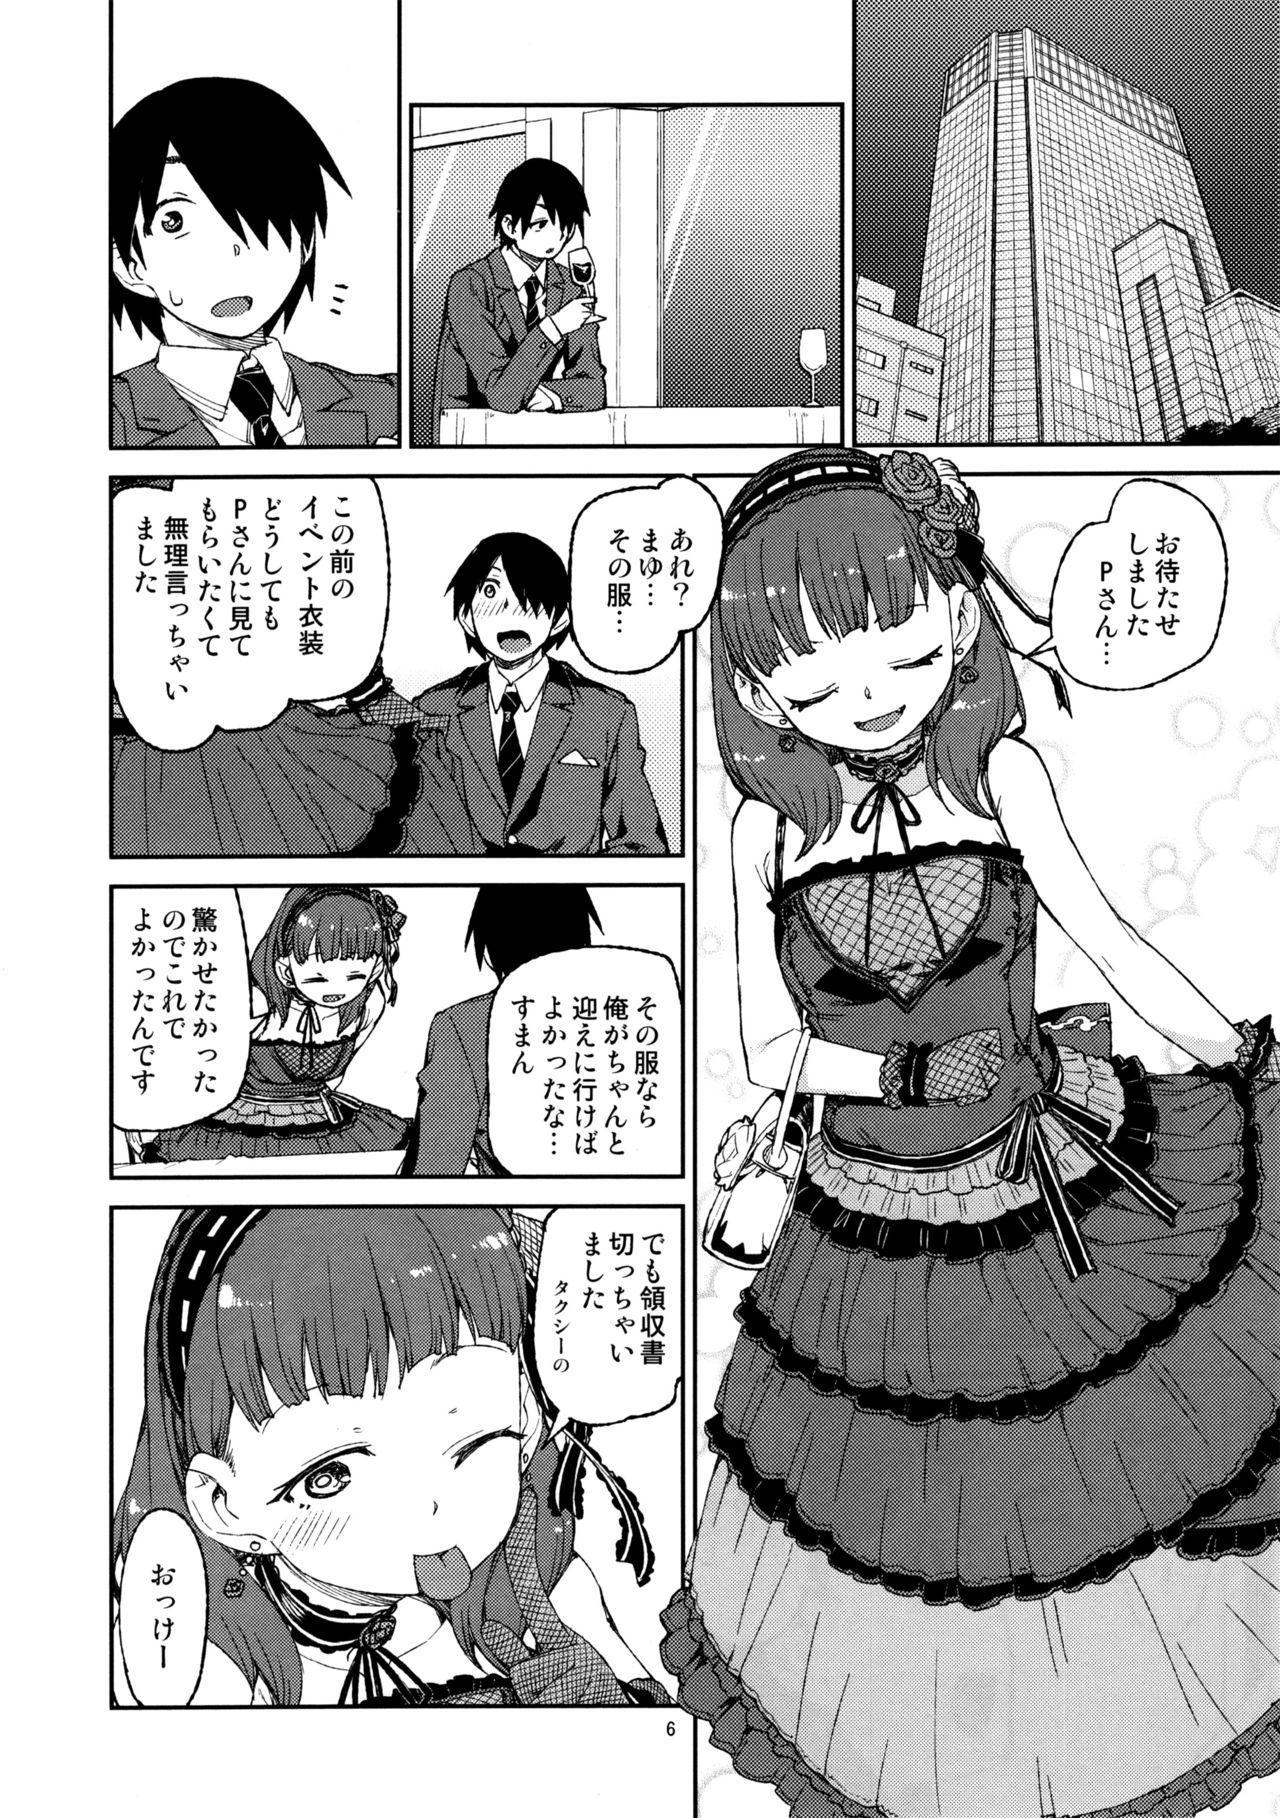 Sonna no Mayu ni wa Wakarimasen 6